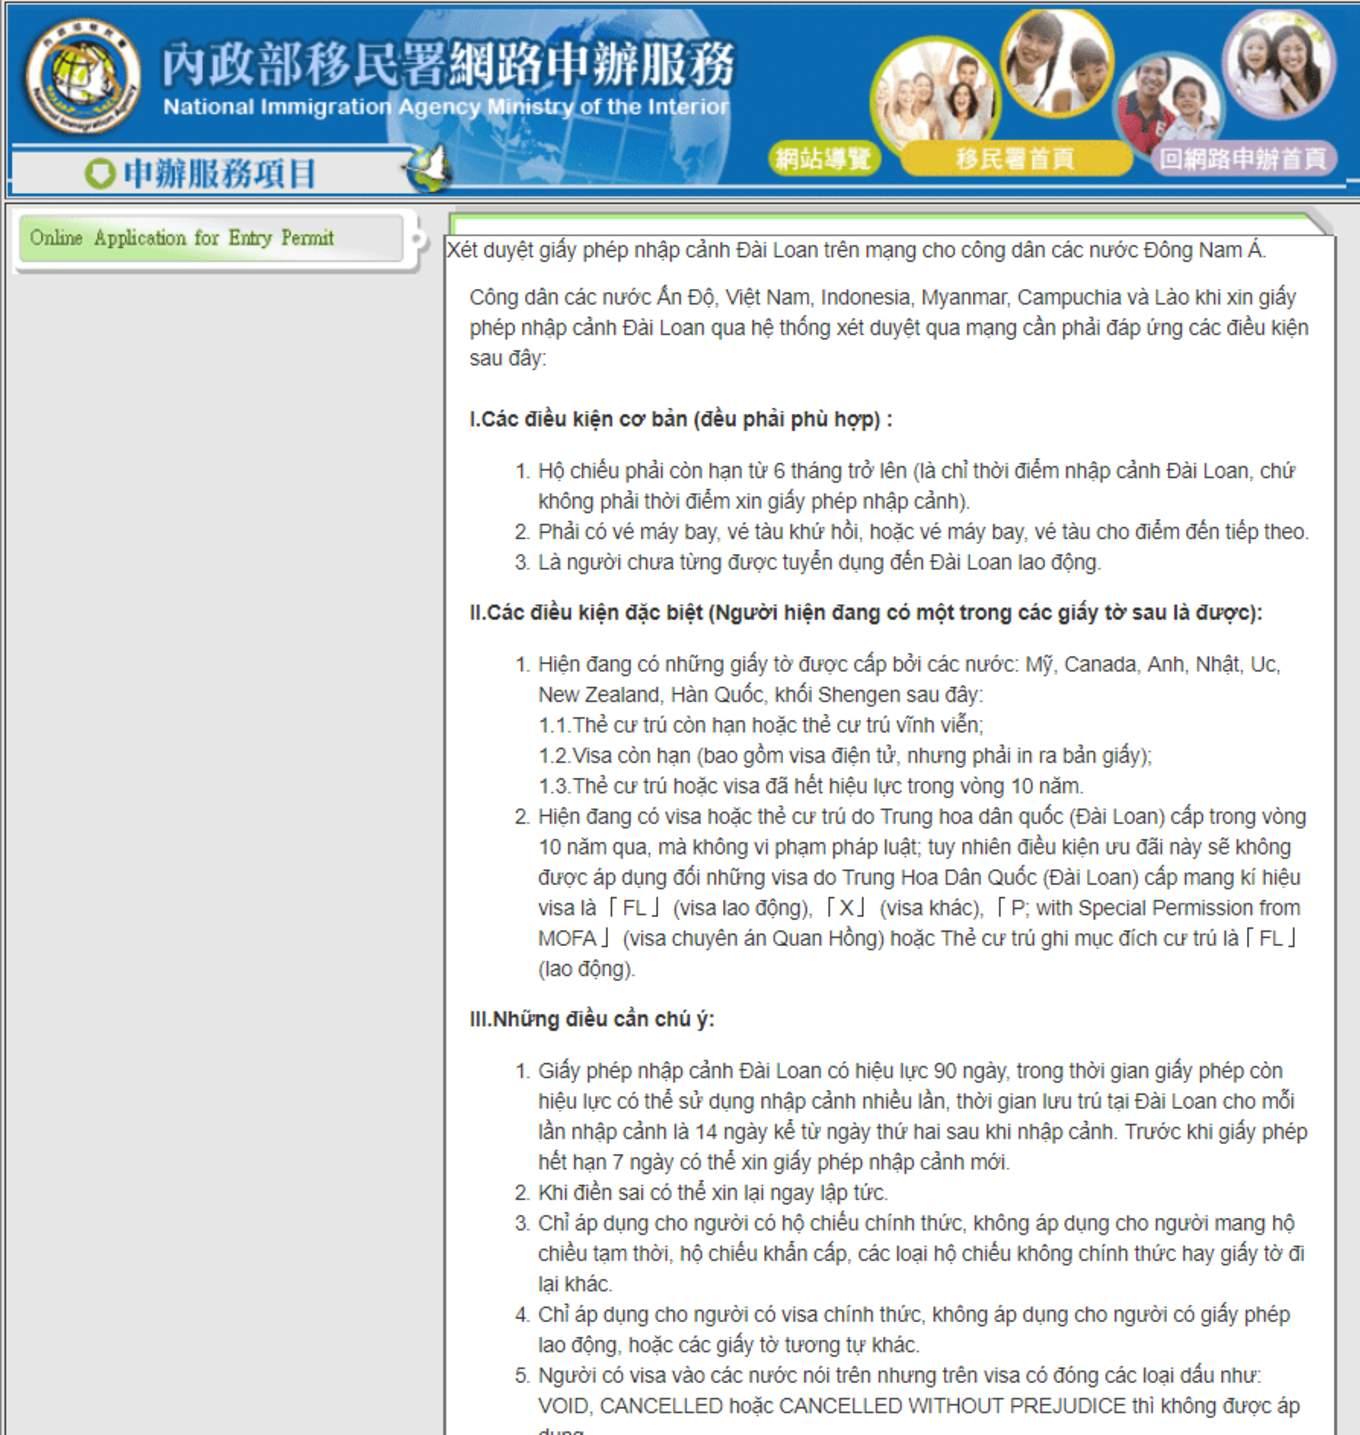 đọc kĩ quy định và hướng dẫn xin e-visa đài loan